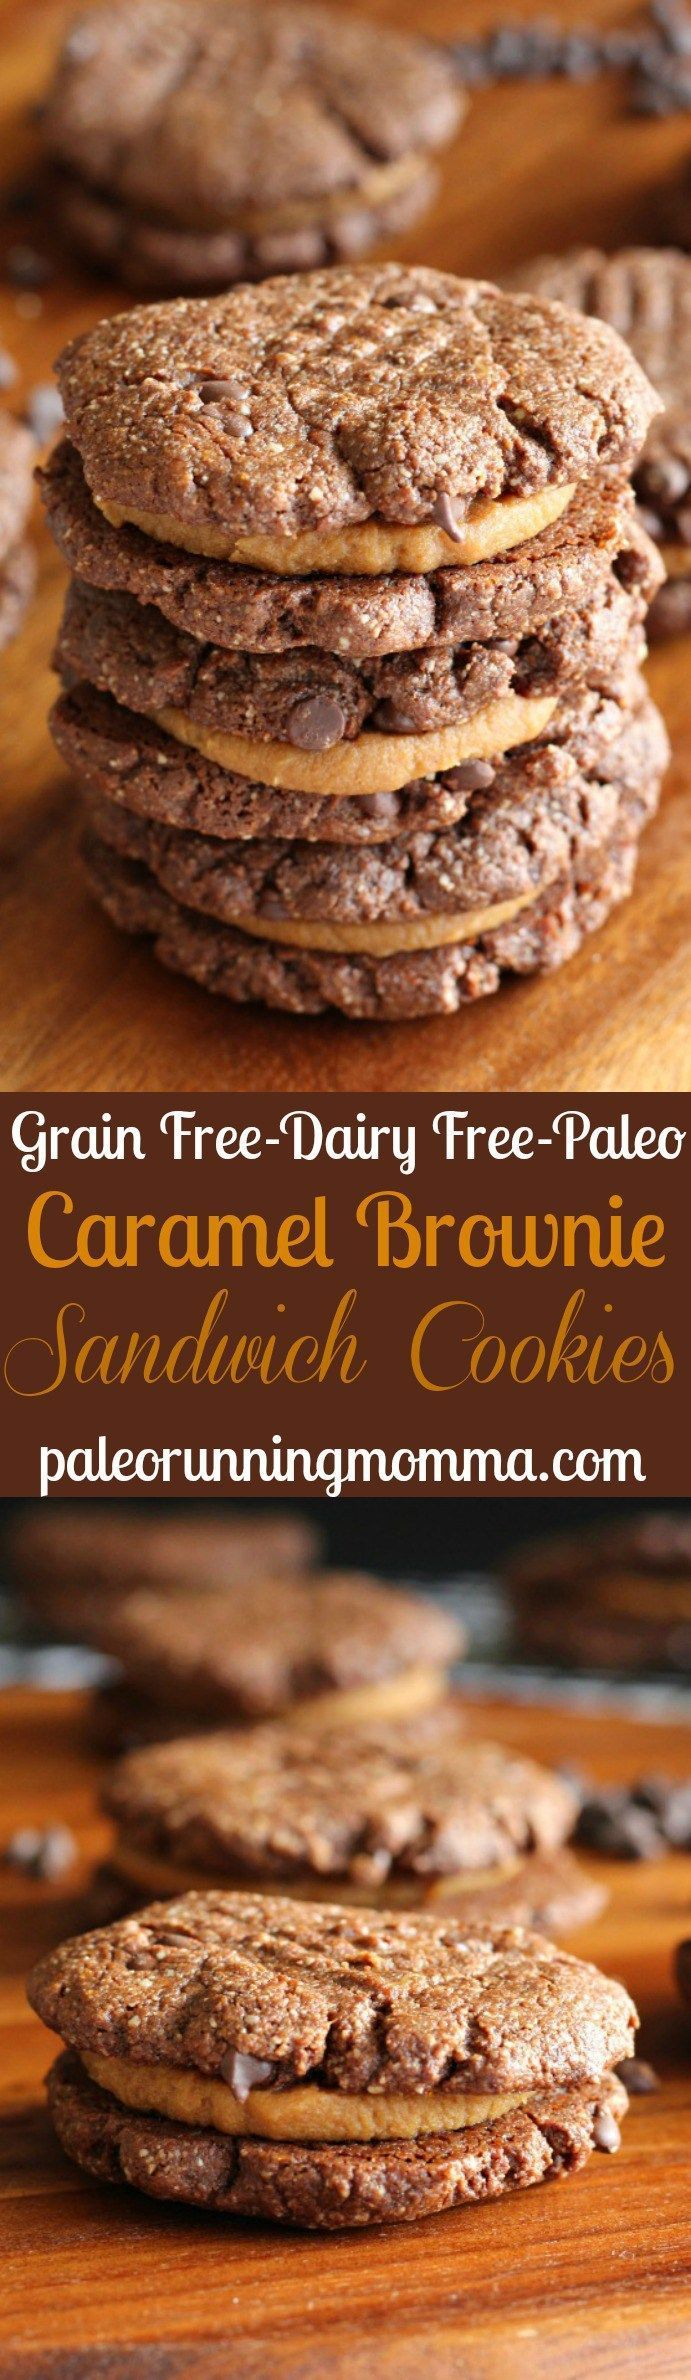 Chewy Caramel Brownie Sandwich Cookies - #grainfree #paleo #dairyfree #glutenfree #healthy